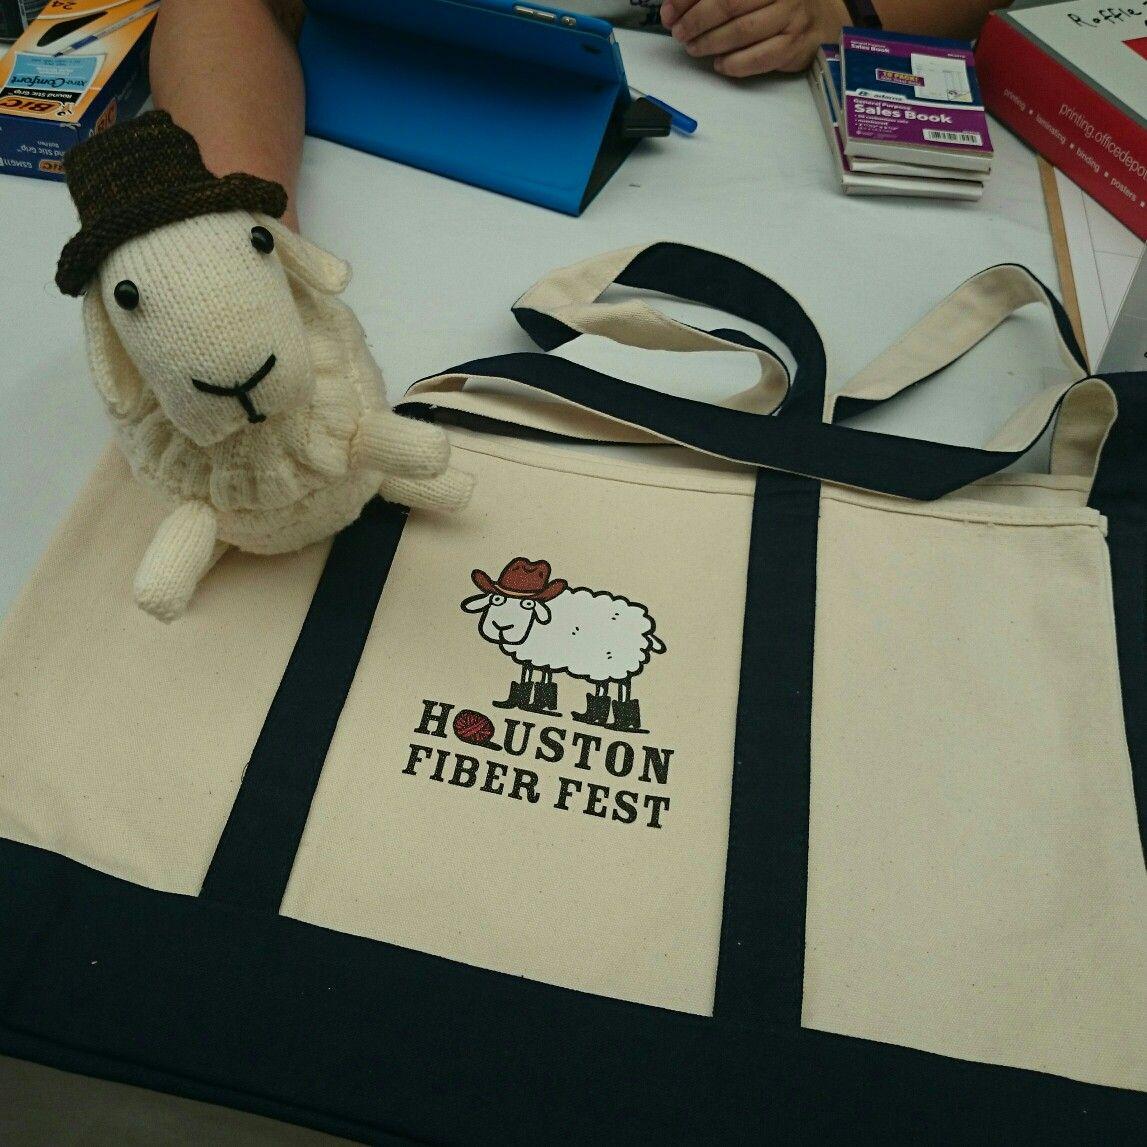 Houston Fiber Fest Merchandise